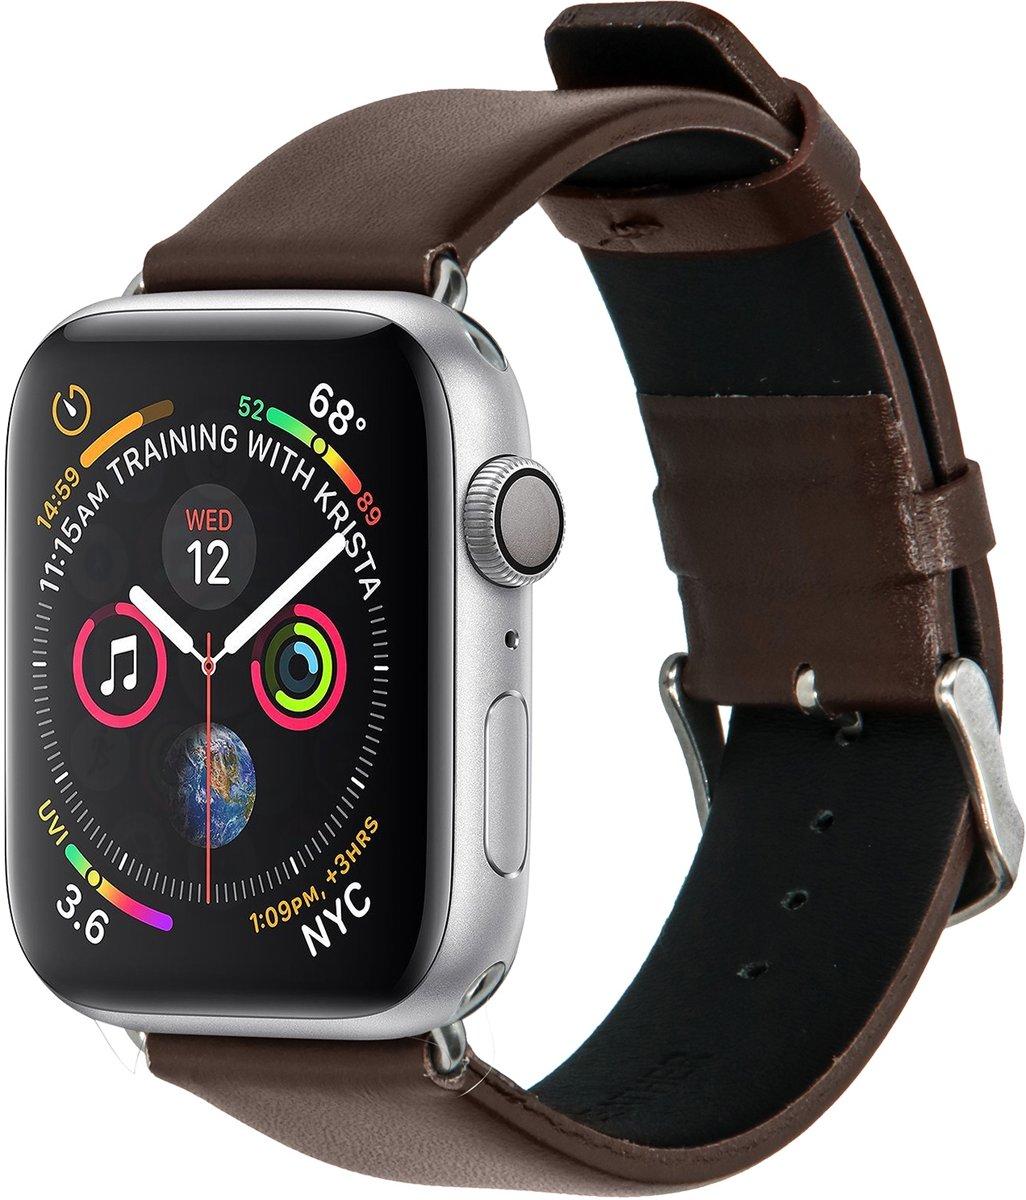 Merkloos Kunstleren bandje - Apple Watch Series 1/2/3/4 (42&44mm) - Bruin